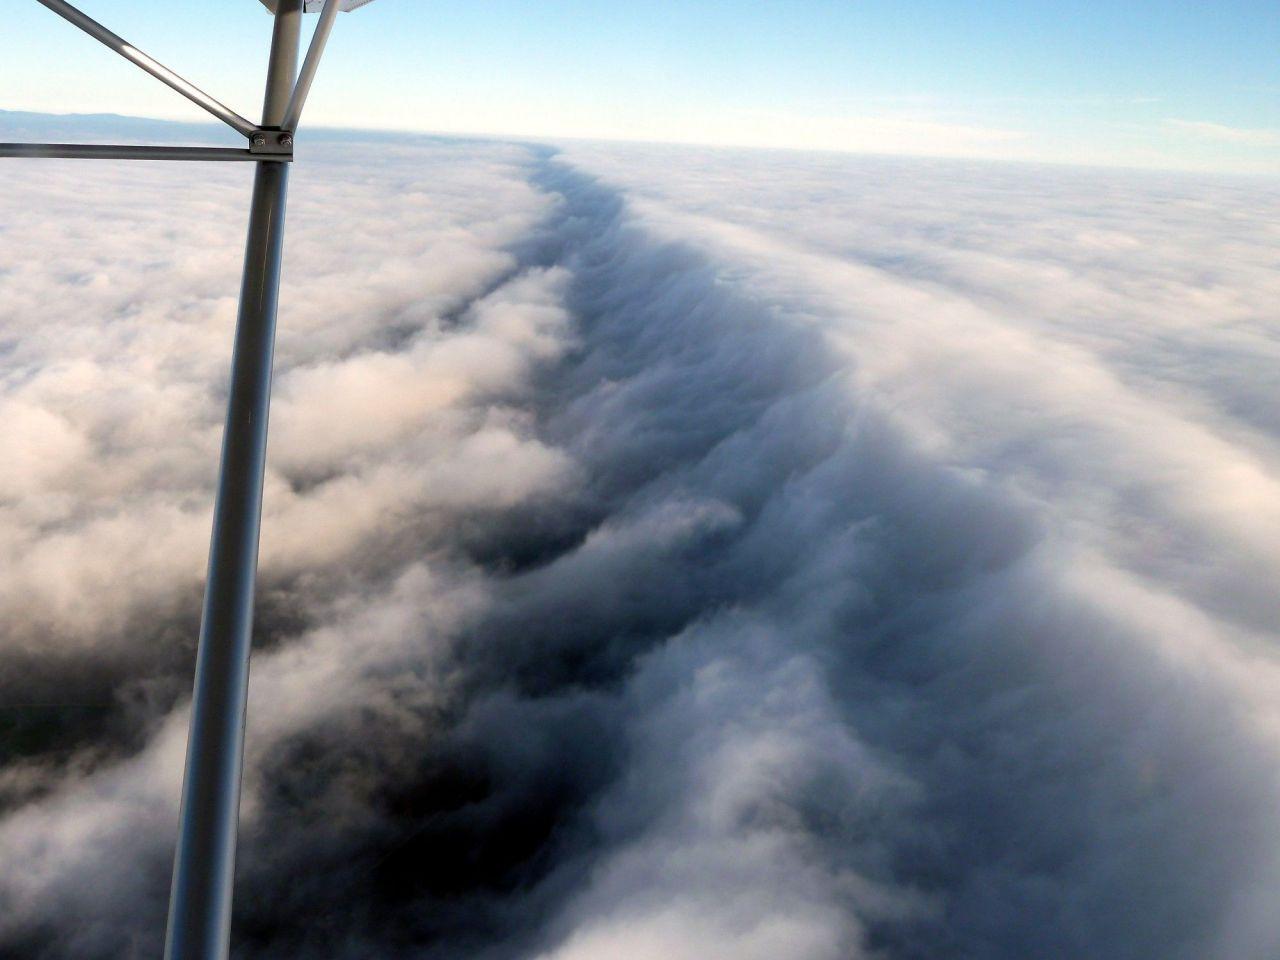 Alpenflug_Rückflug_Luftmassengrenze